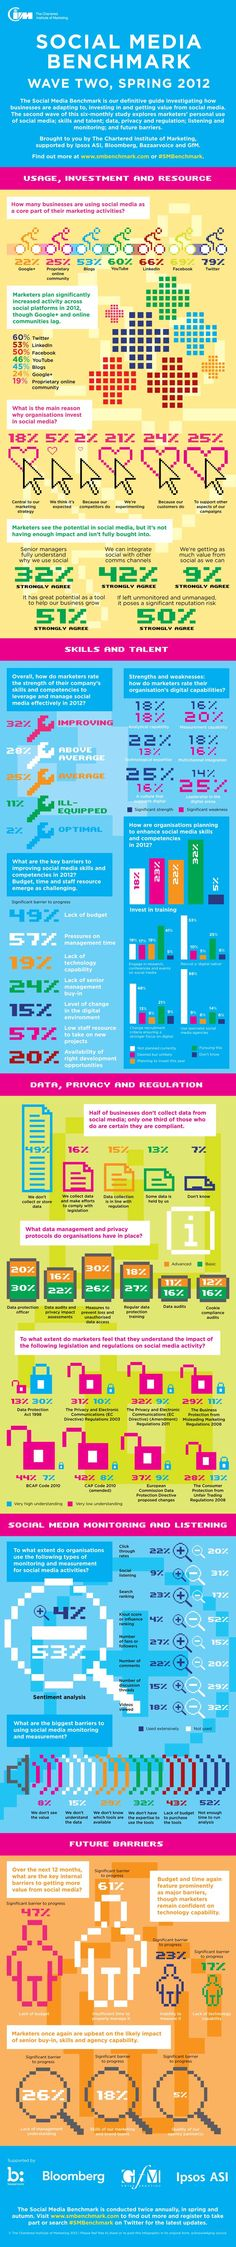 #socialmedia #benchmark #Infographic spring 2012